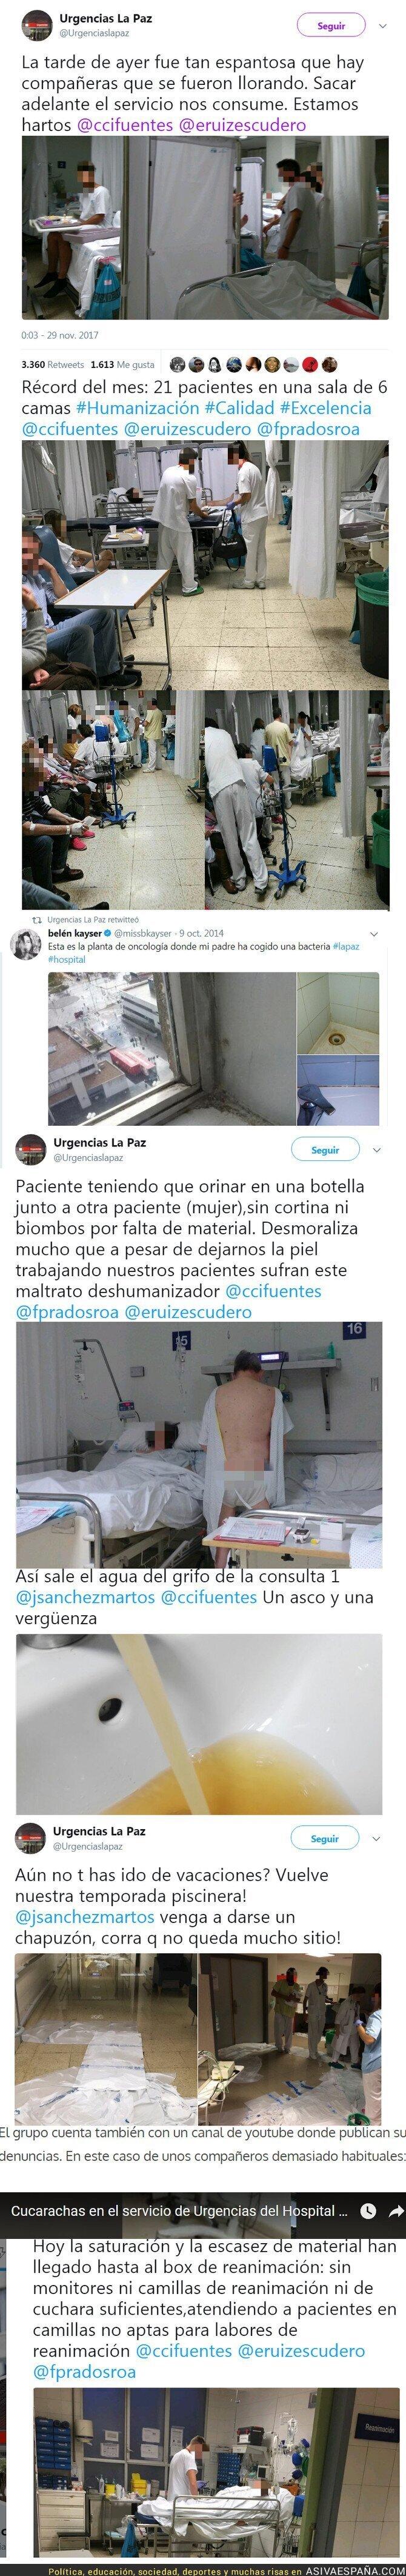 79456 - El lamentable estado de Urgencias La Paz